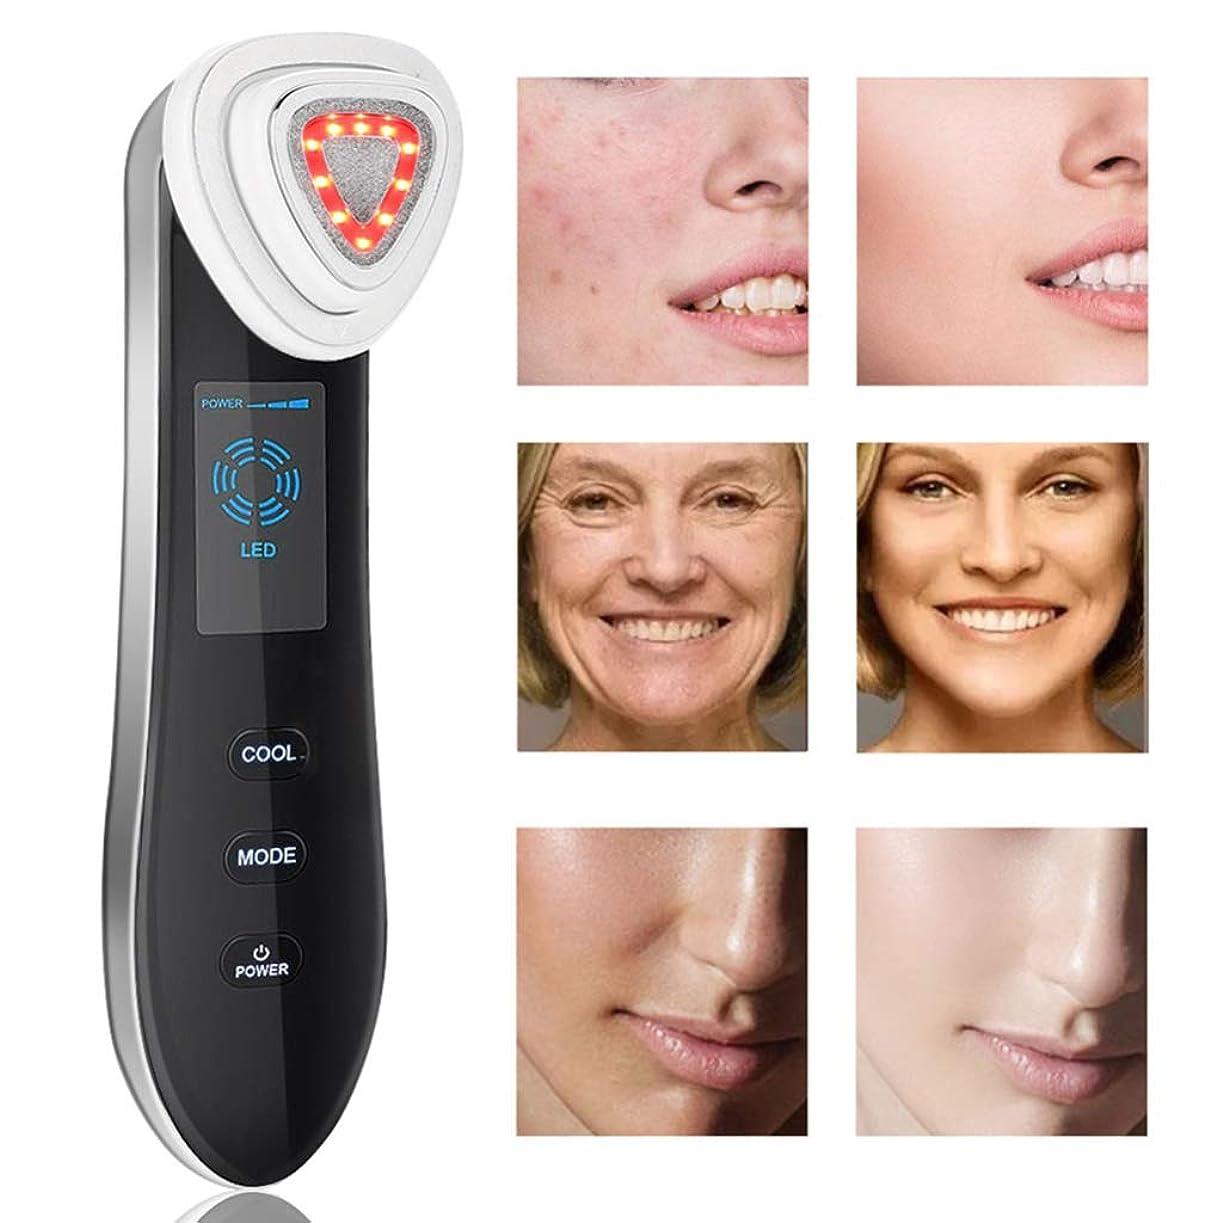 へこみ多年生レジデンス顔の解毒孔をホワイトニングRF美容機器多機能ホット&コールド導入と輸出顔の色の光の皮膚